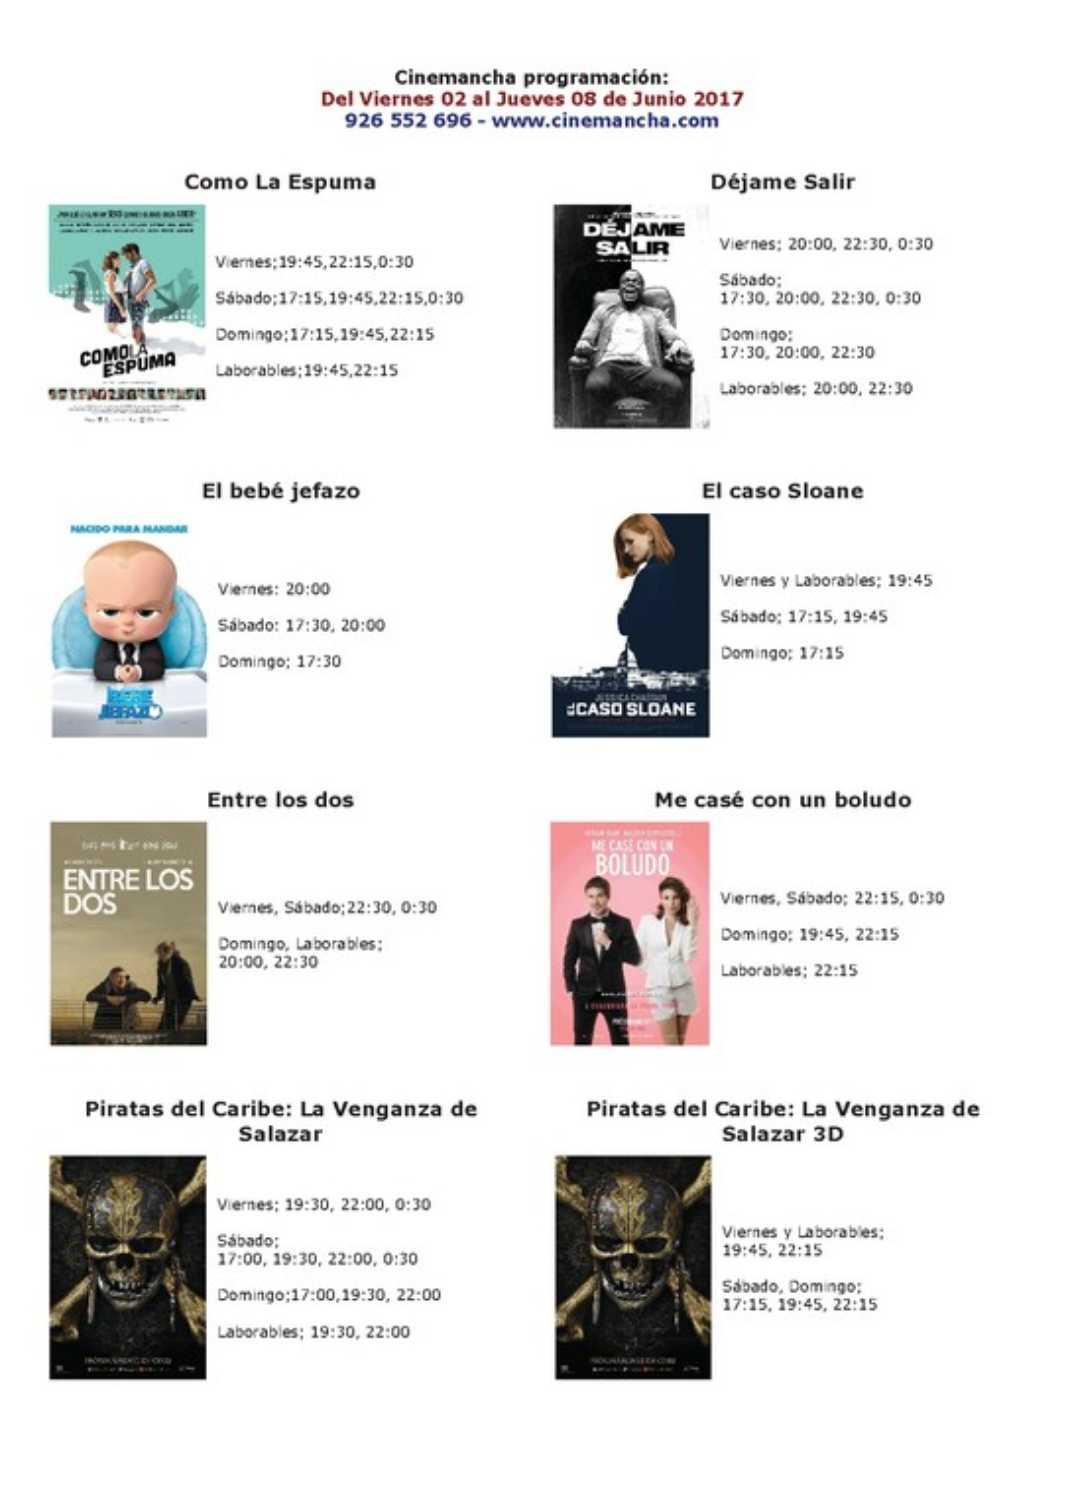 cartelera de cinemancha del 02 al 08 de junio 1068x1511 - Cartelera Cinemancha del viernes 2 al jueves 8 de junio.